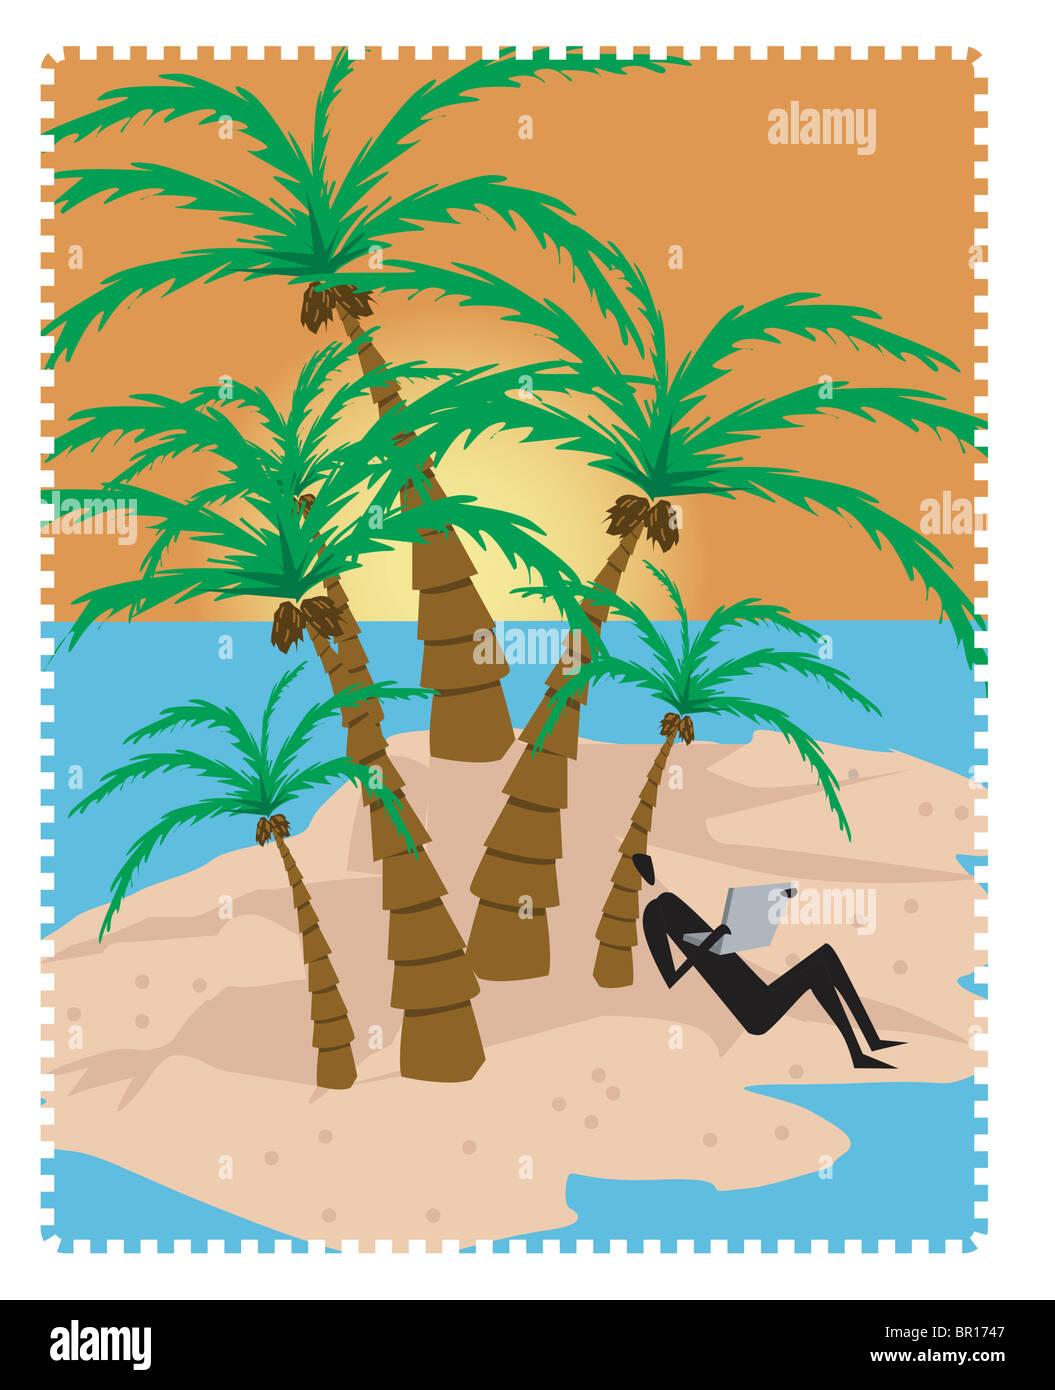 Una persona revisando su correo electrónico en una isla Foto de stock